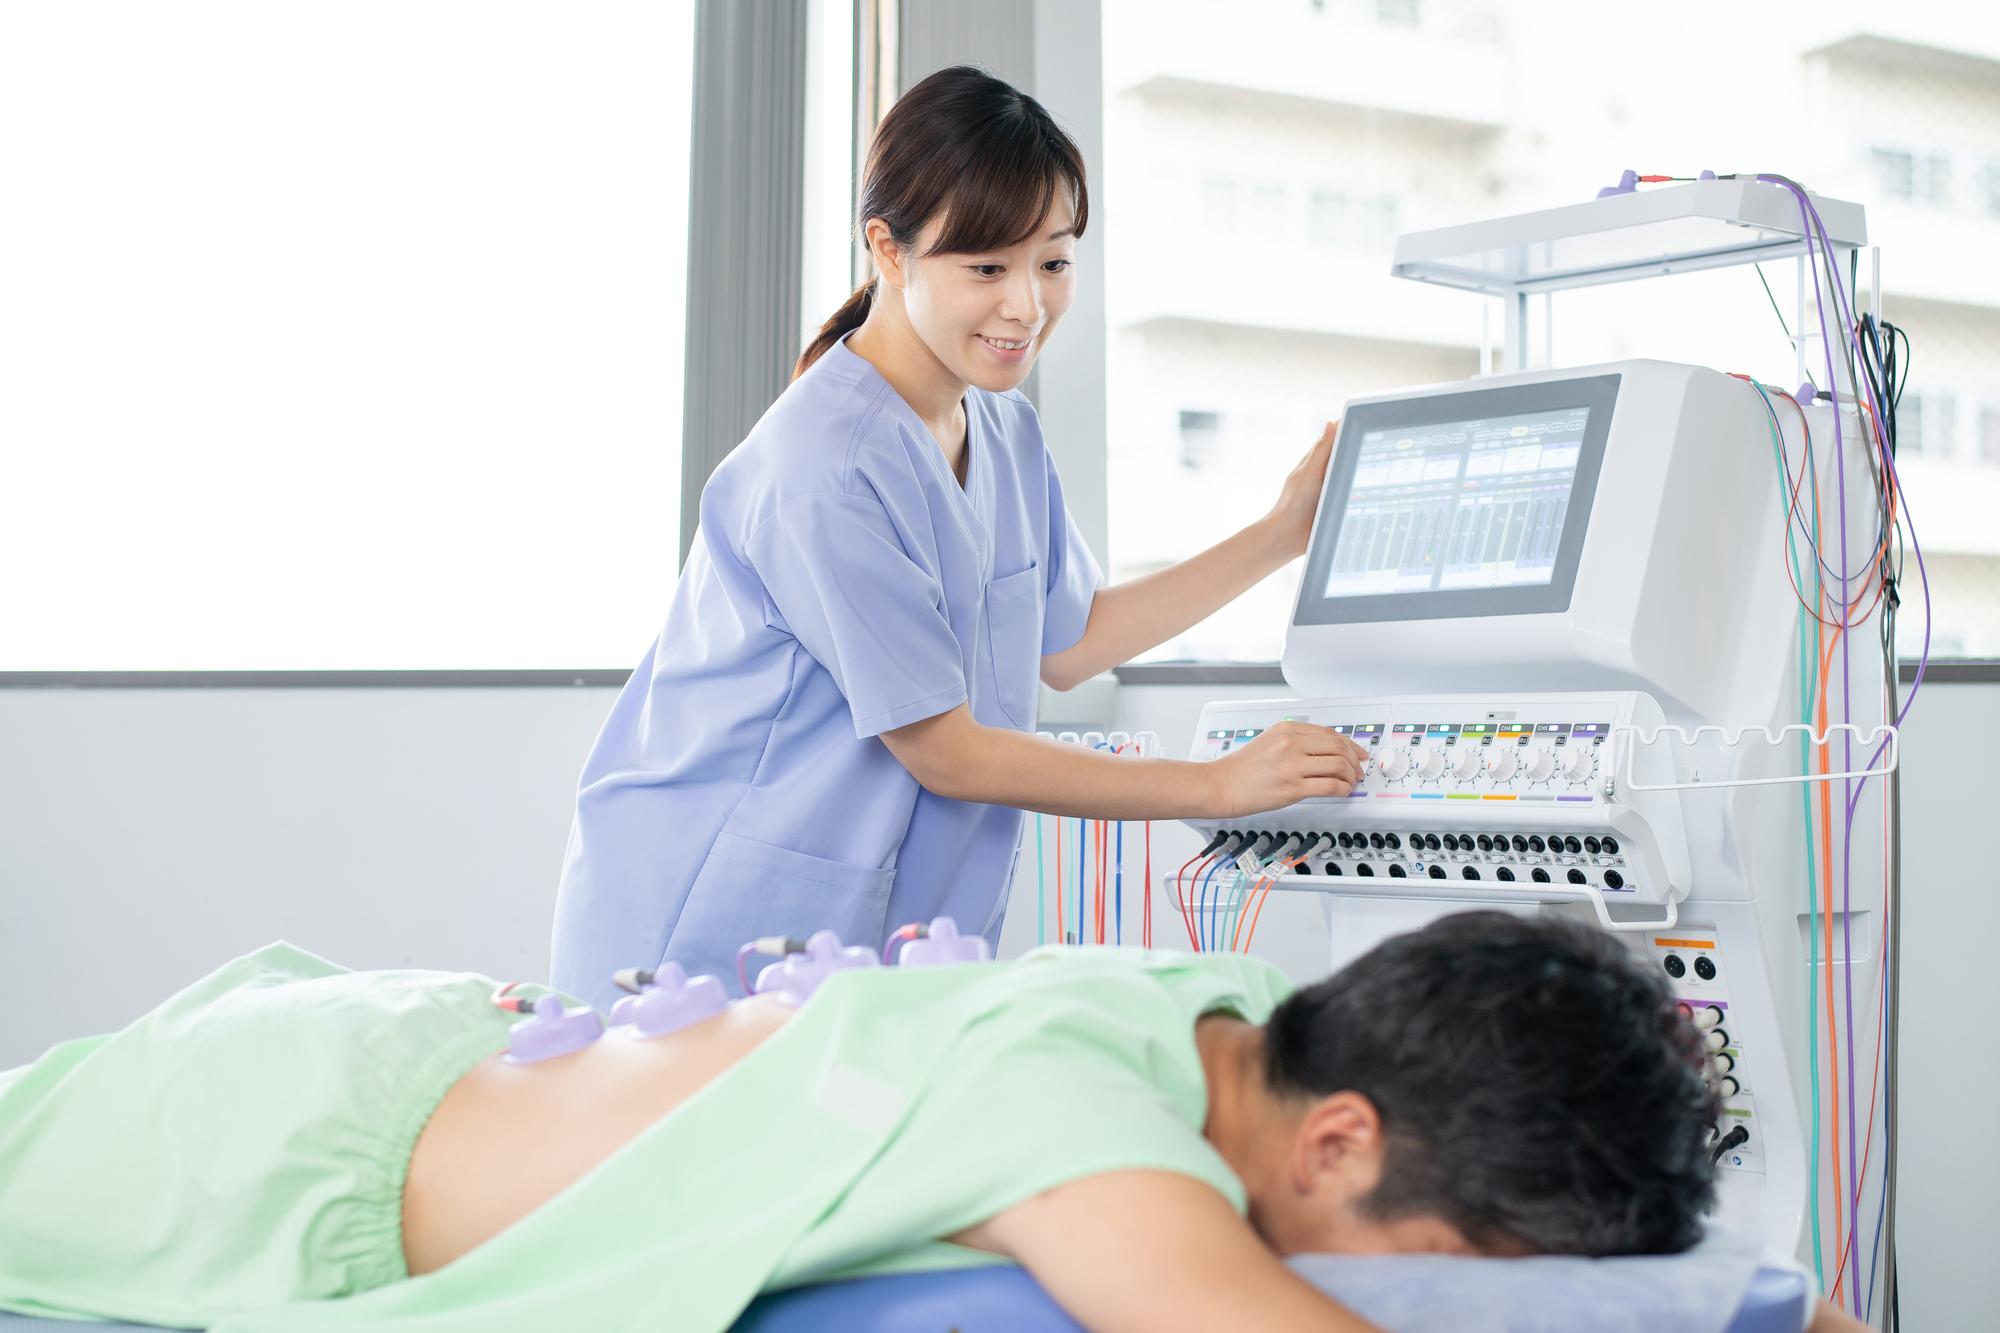 ネットワークエンジニアにありがちな「腰痛」の防止方法と注意点についてのアイキャッチイメージ